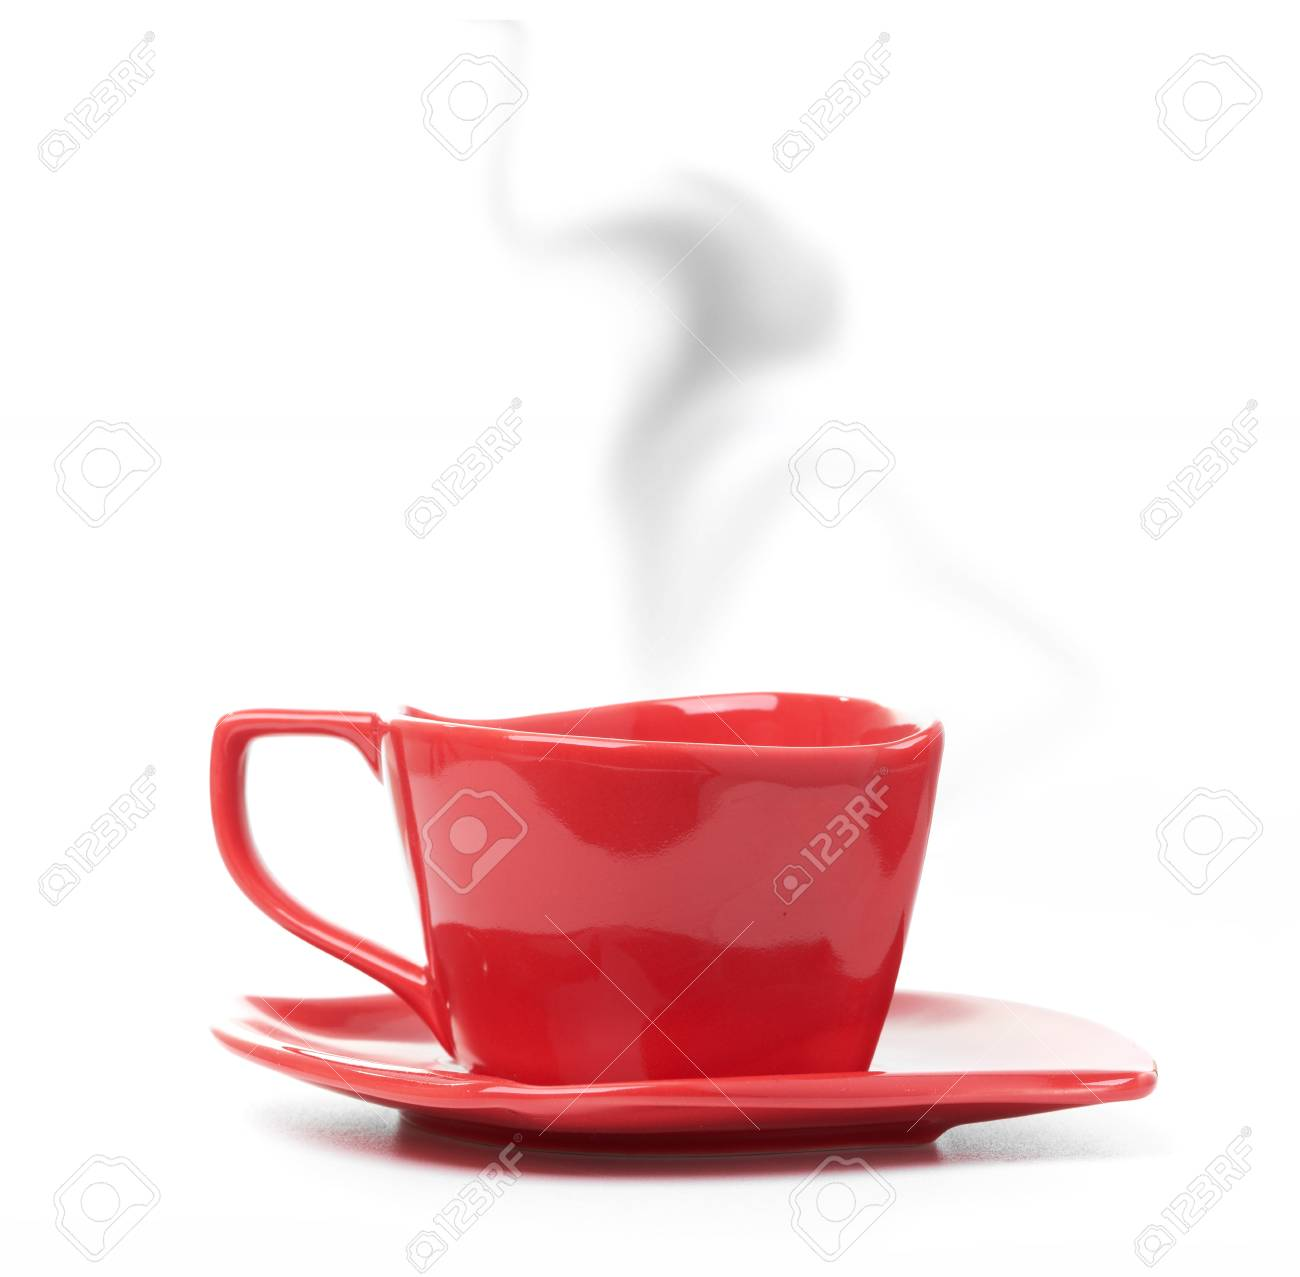 Immagini Stock Coppa Della Tazza Di Caffè Nero Sfondo Bianco Rosso